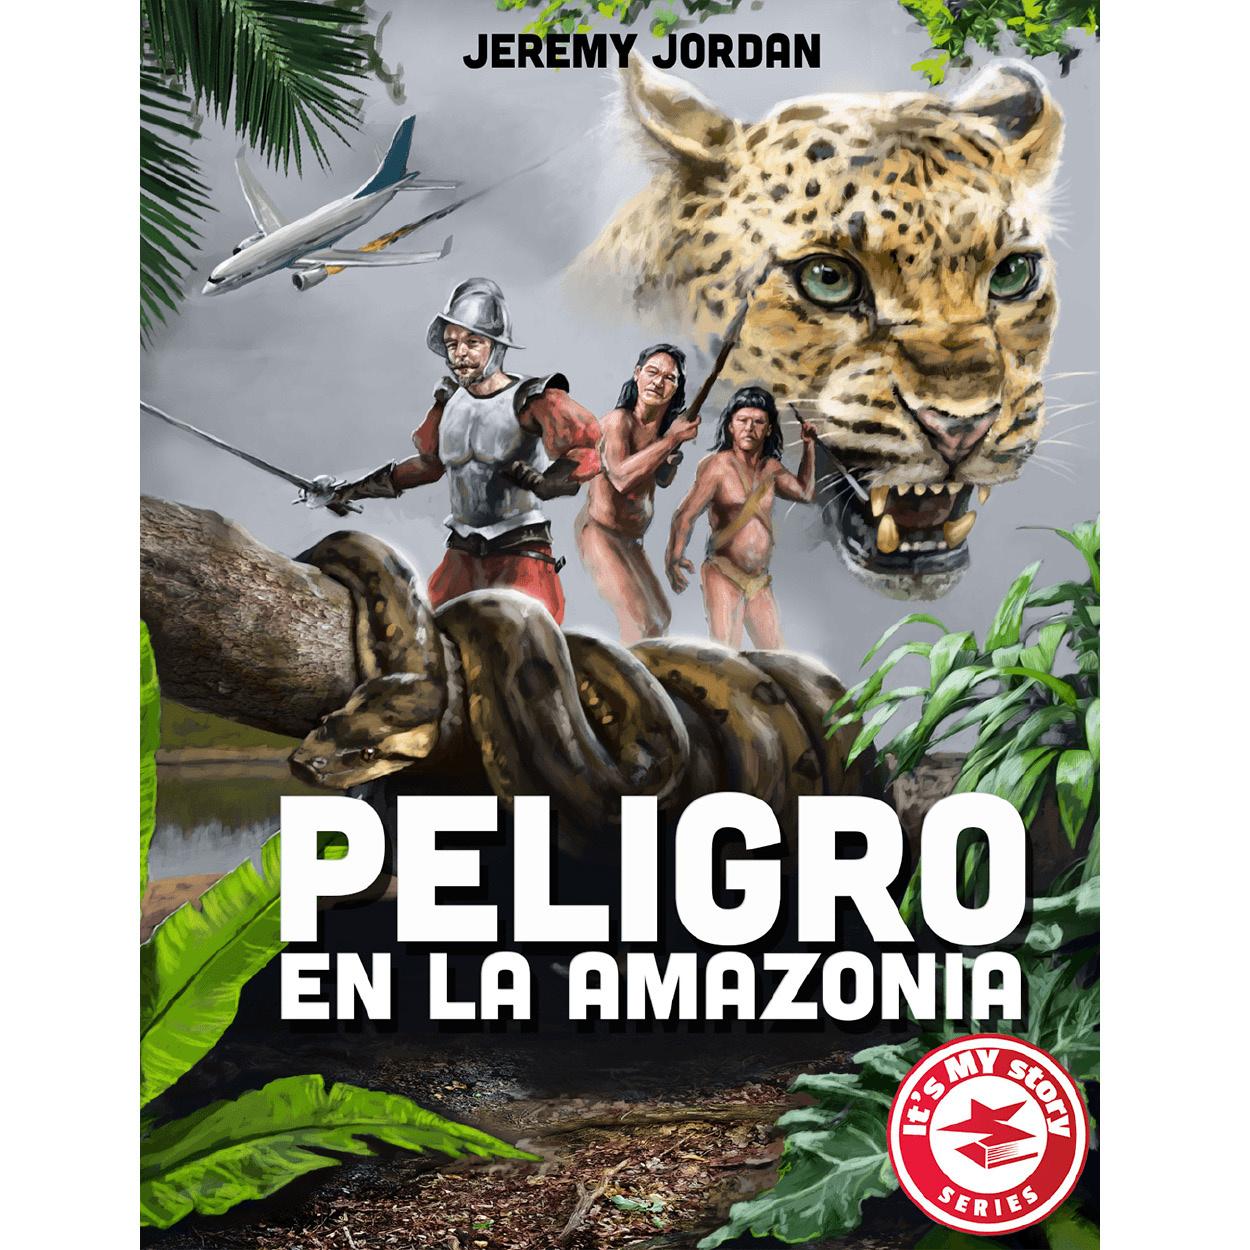 Peligro en la Amazonia